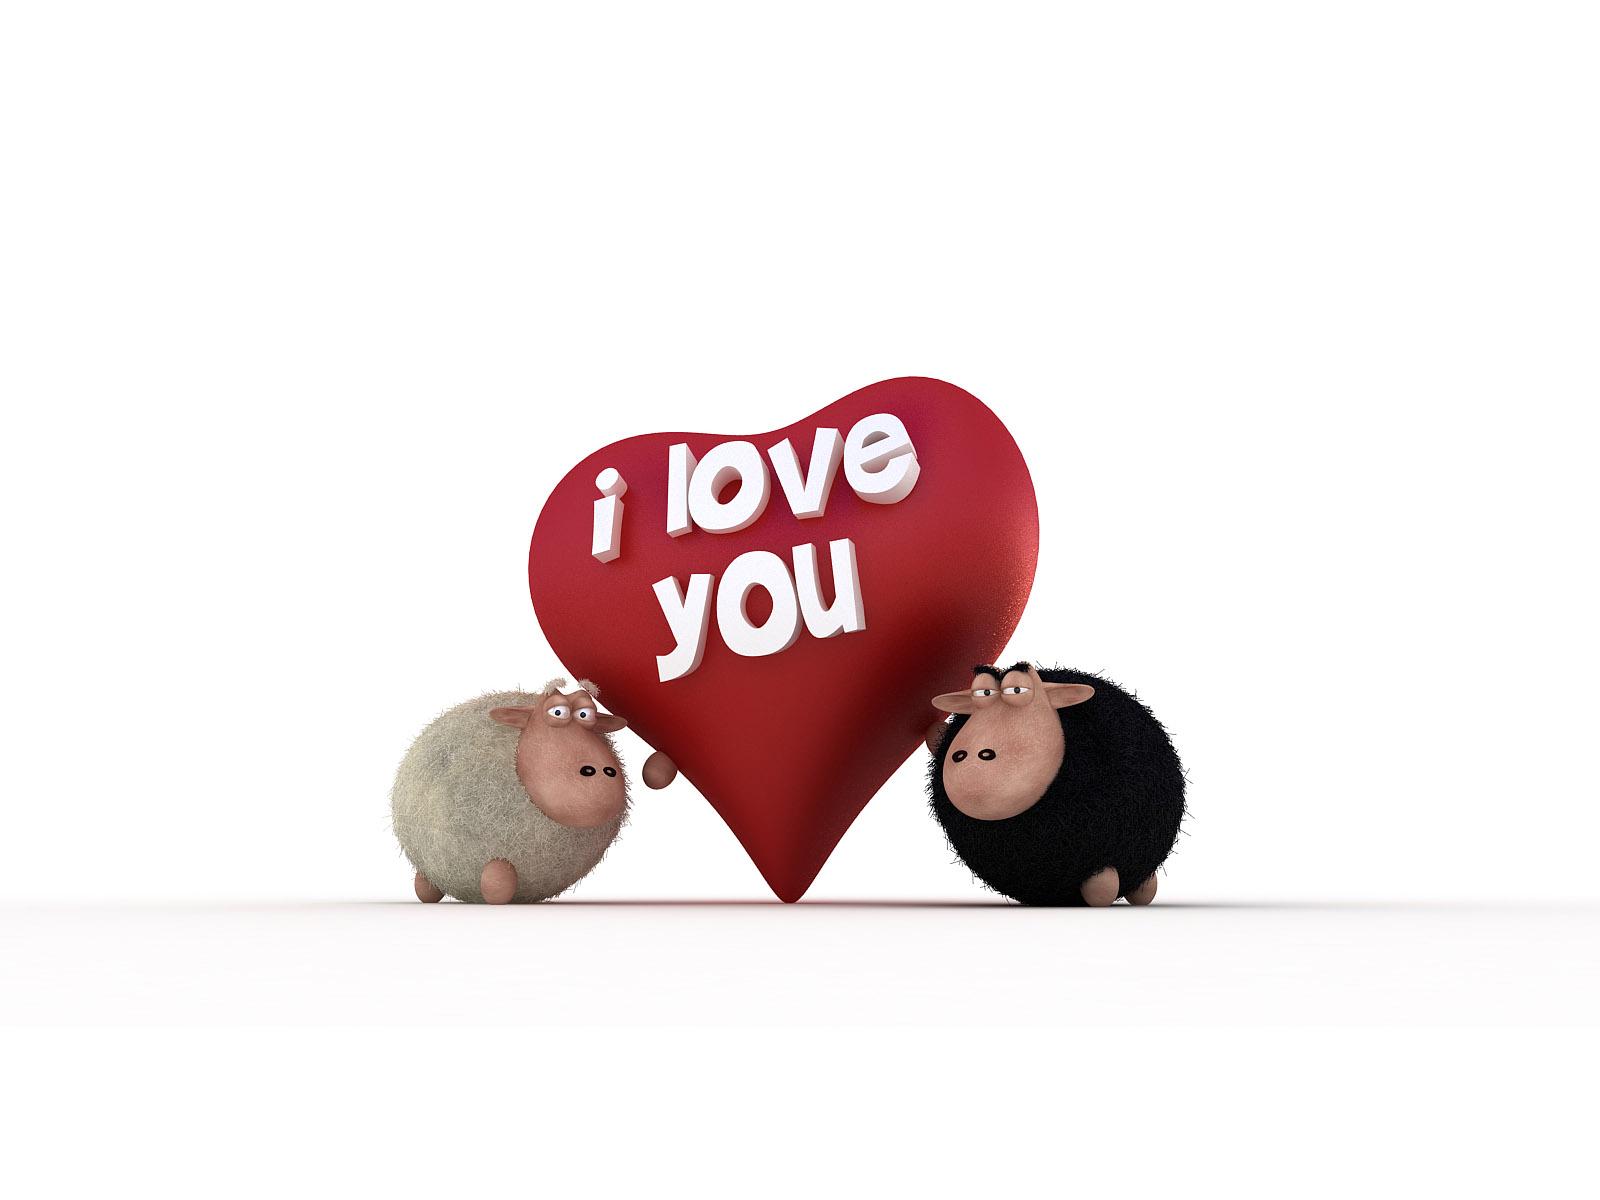 hinh-anh-dep-chu-i-love-you-lang-mang-cho-cac-cap-tinh-nhan-dang-yeu-11